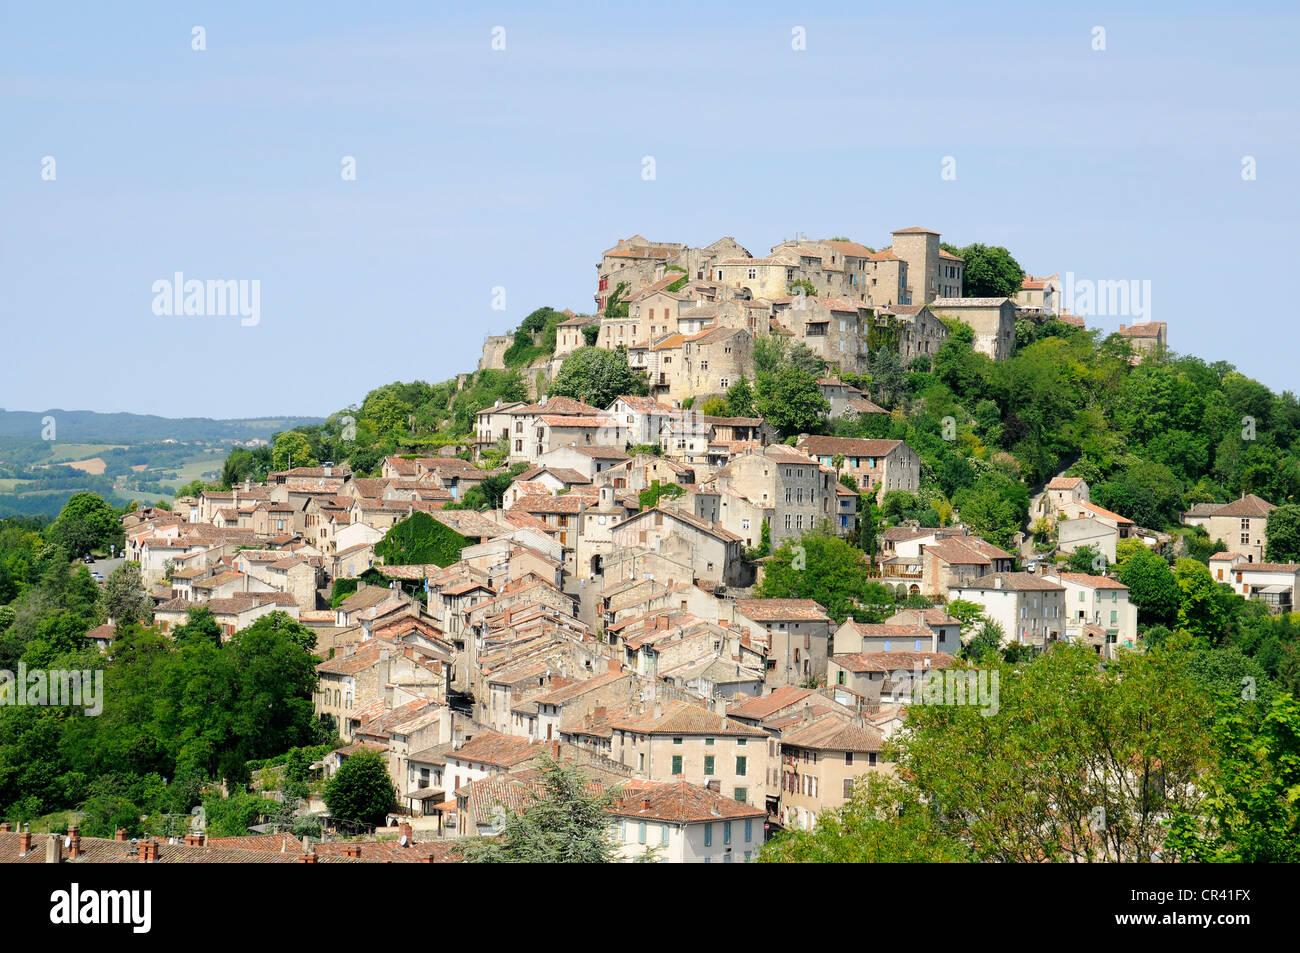 Architecte Paysagiste Midi Pyrénées cityscape, mountain top, cordes sur ciel community, albi